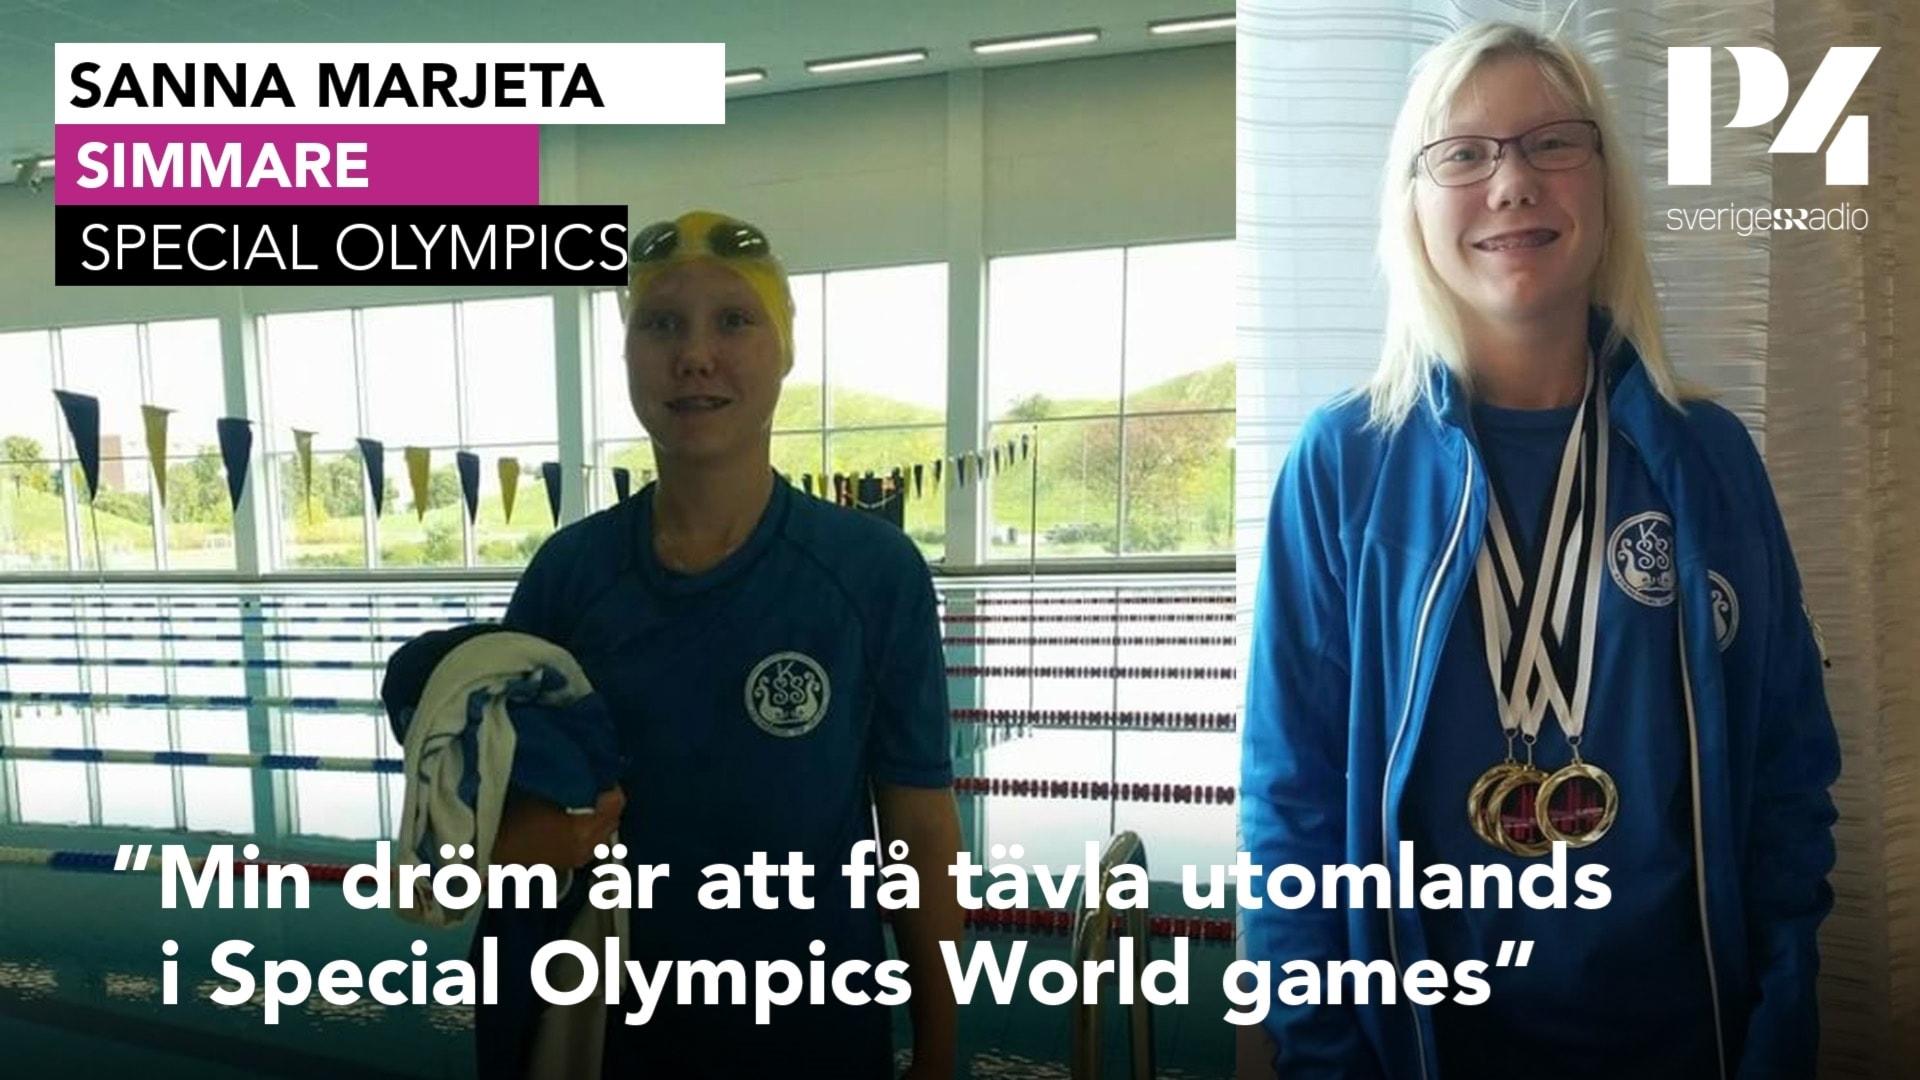 Nu är det klart att Sanna Marjeta ska simma i Special Olympics Games